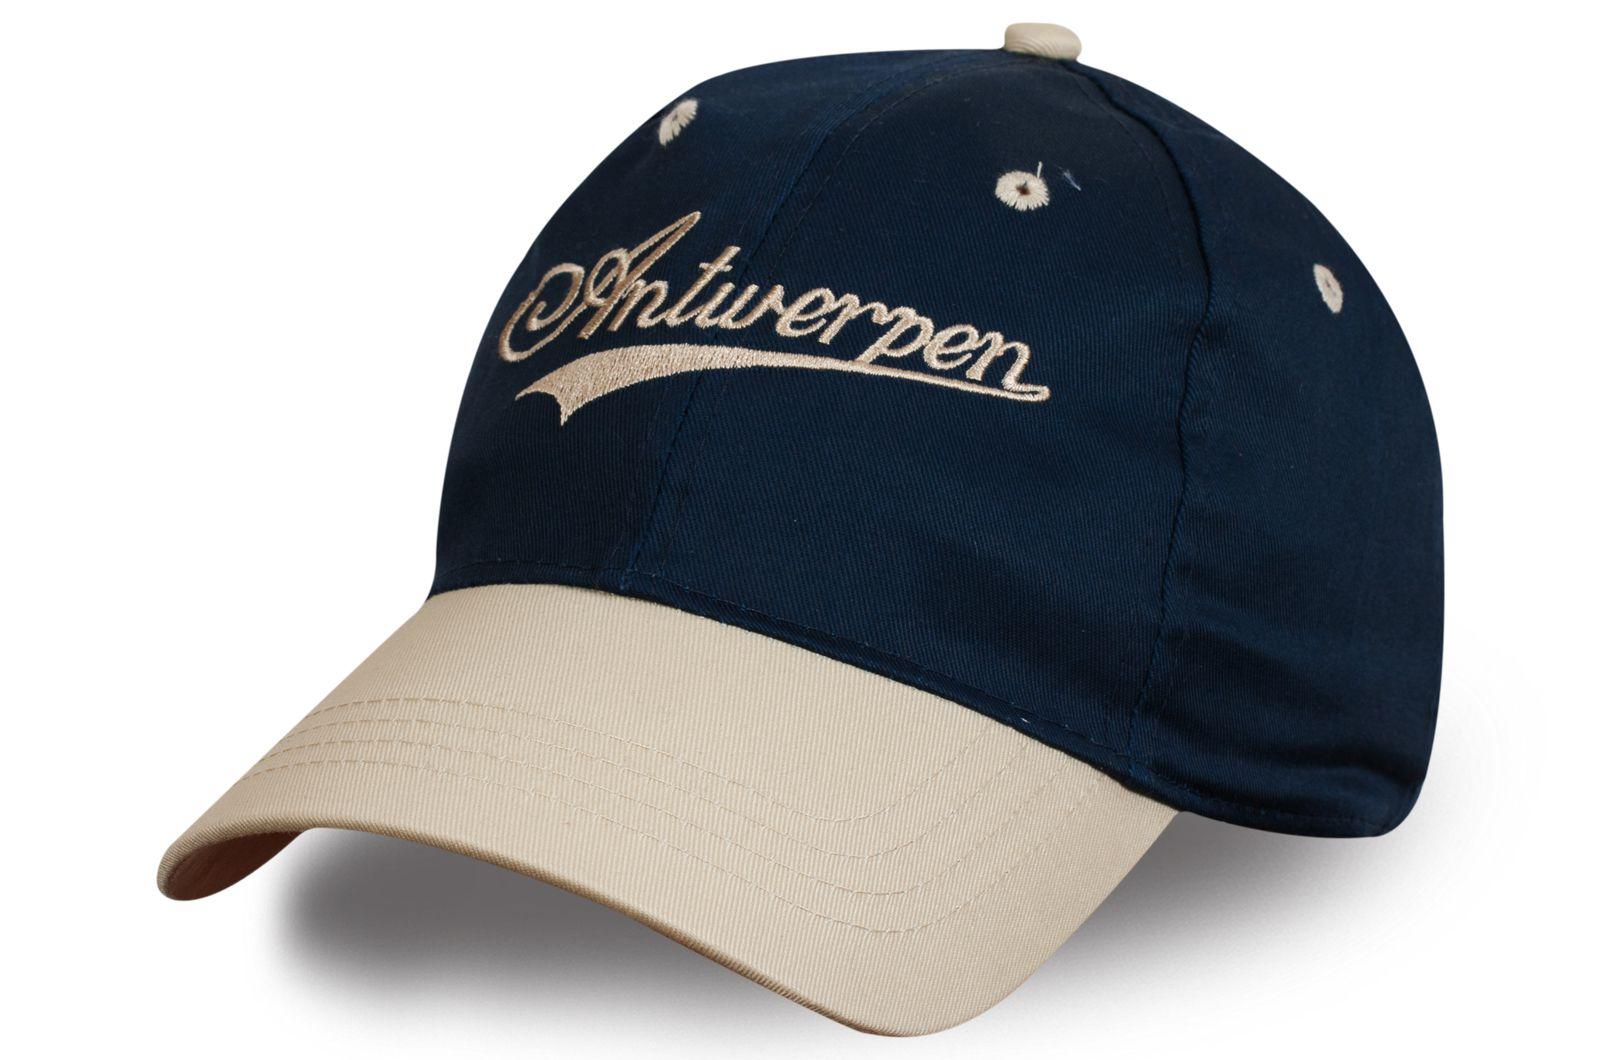 Бейсболка Antwerpen | Купить брендовую бейсболку по лучшей цене